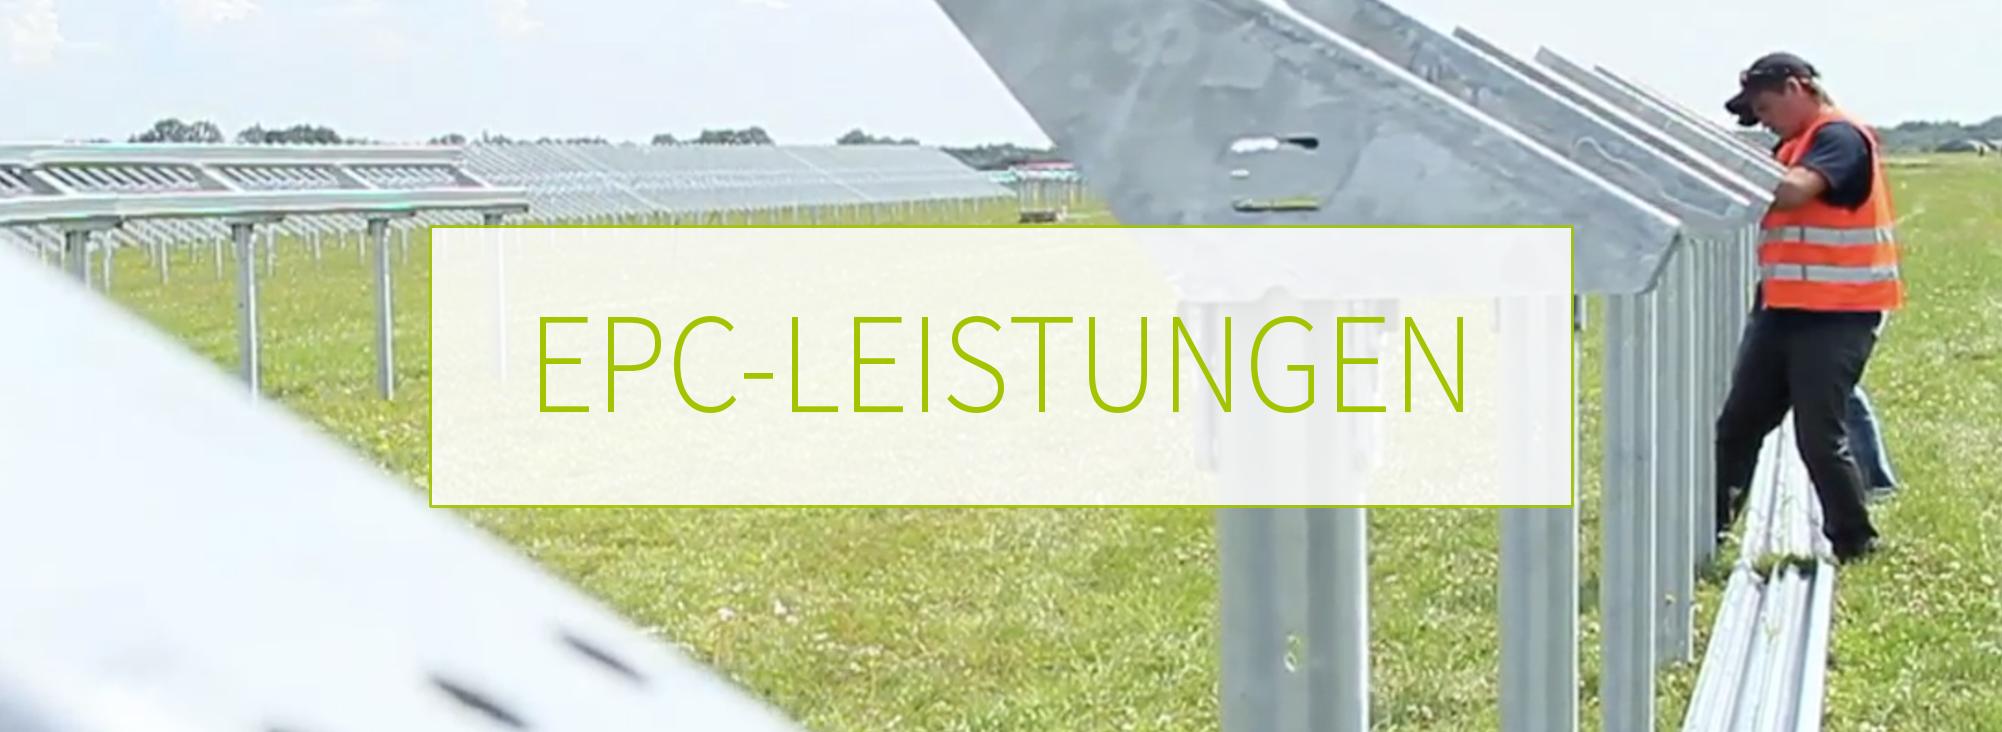 NAWASOL_EPC_Projektentwicklung-EPC_Leistungen_Bild_Text